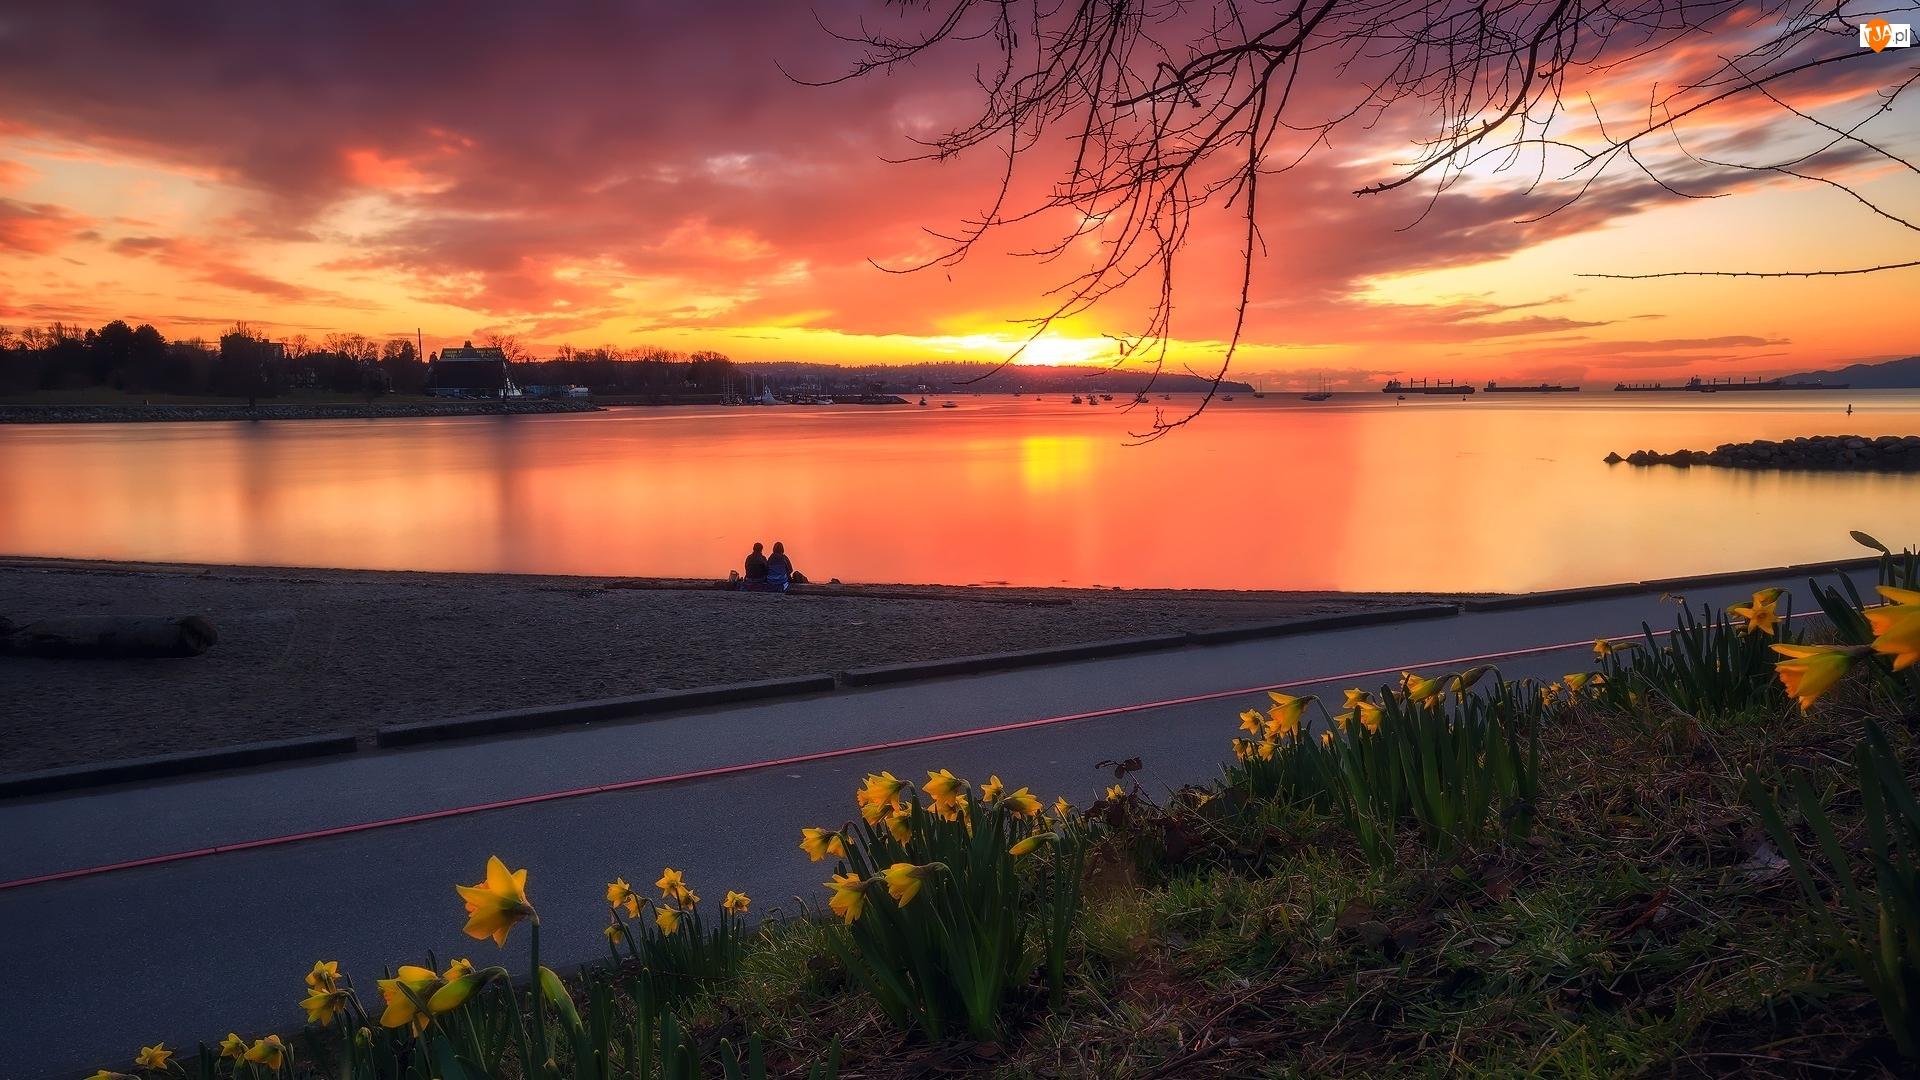 Narcyzy żonkile, Jezioro, Zachód słońca, Droga